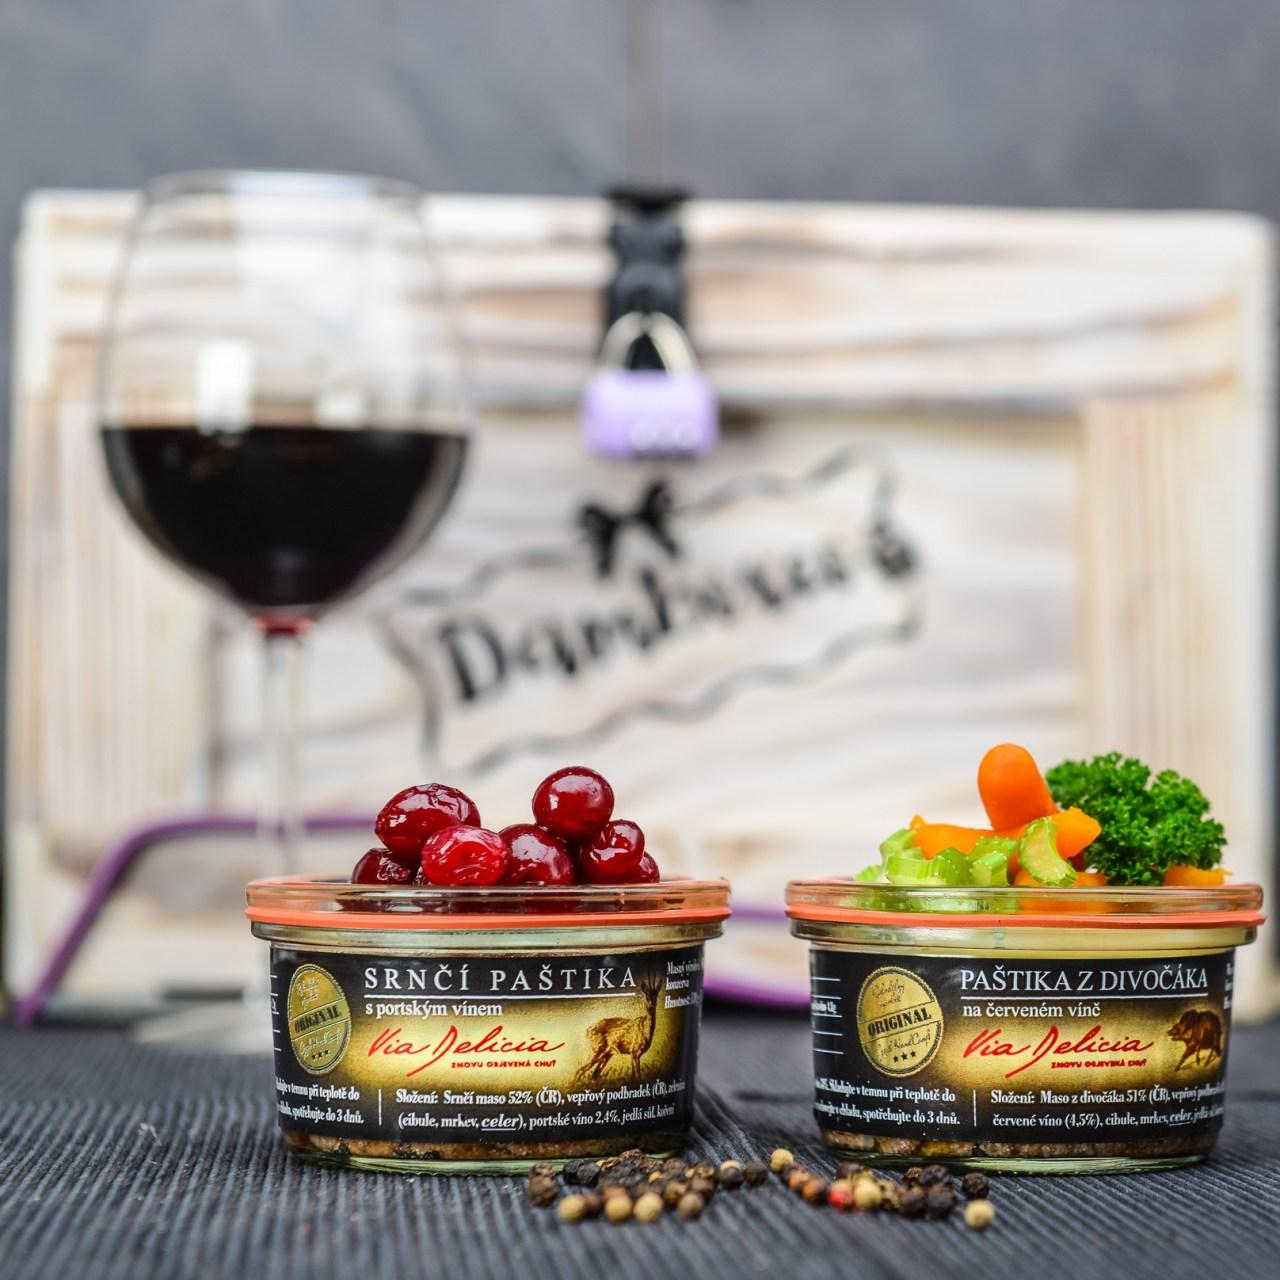 Srnčí paštika s portským vínem, Paštika z divočáka